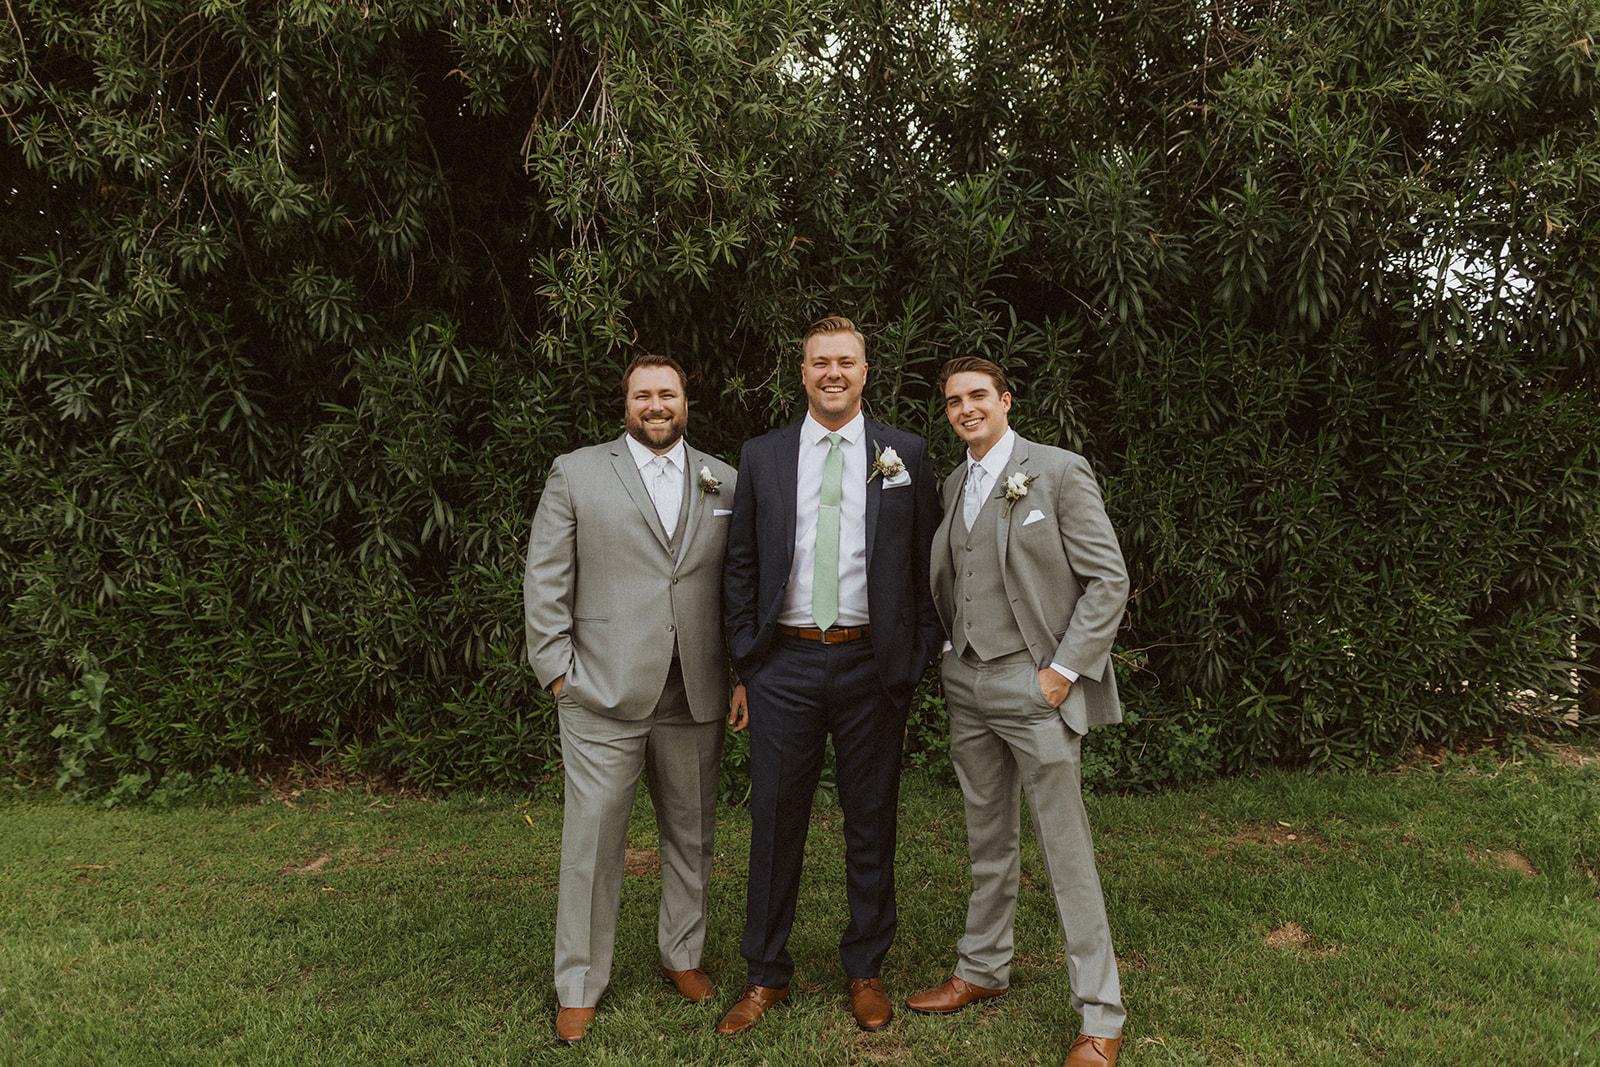 groomsmen_outdoor_portrait.jpeg